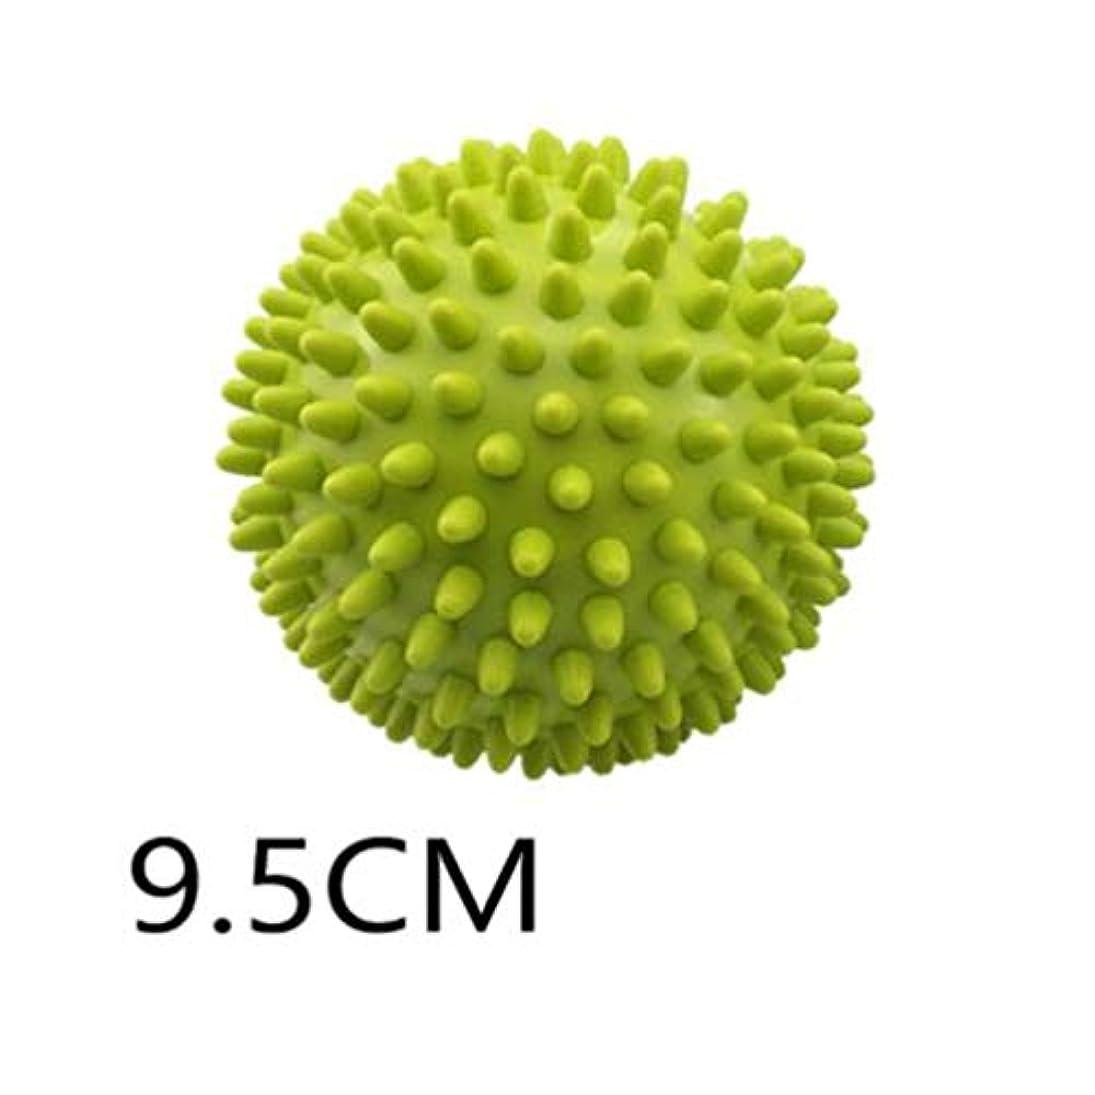 同化するタップアウトドアとげのボール - グリーン